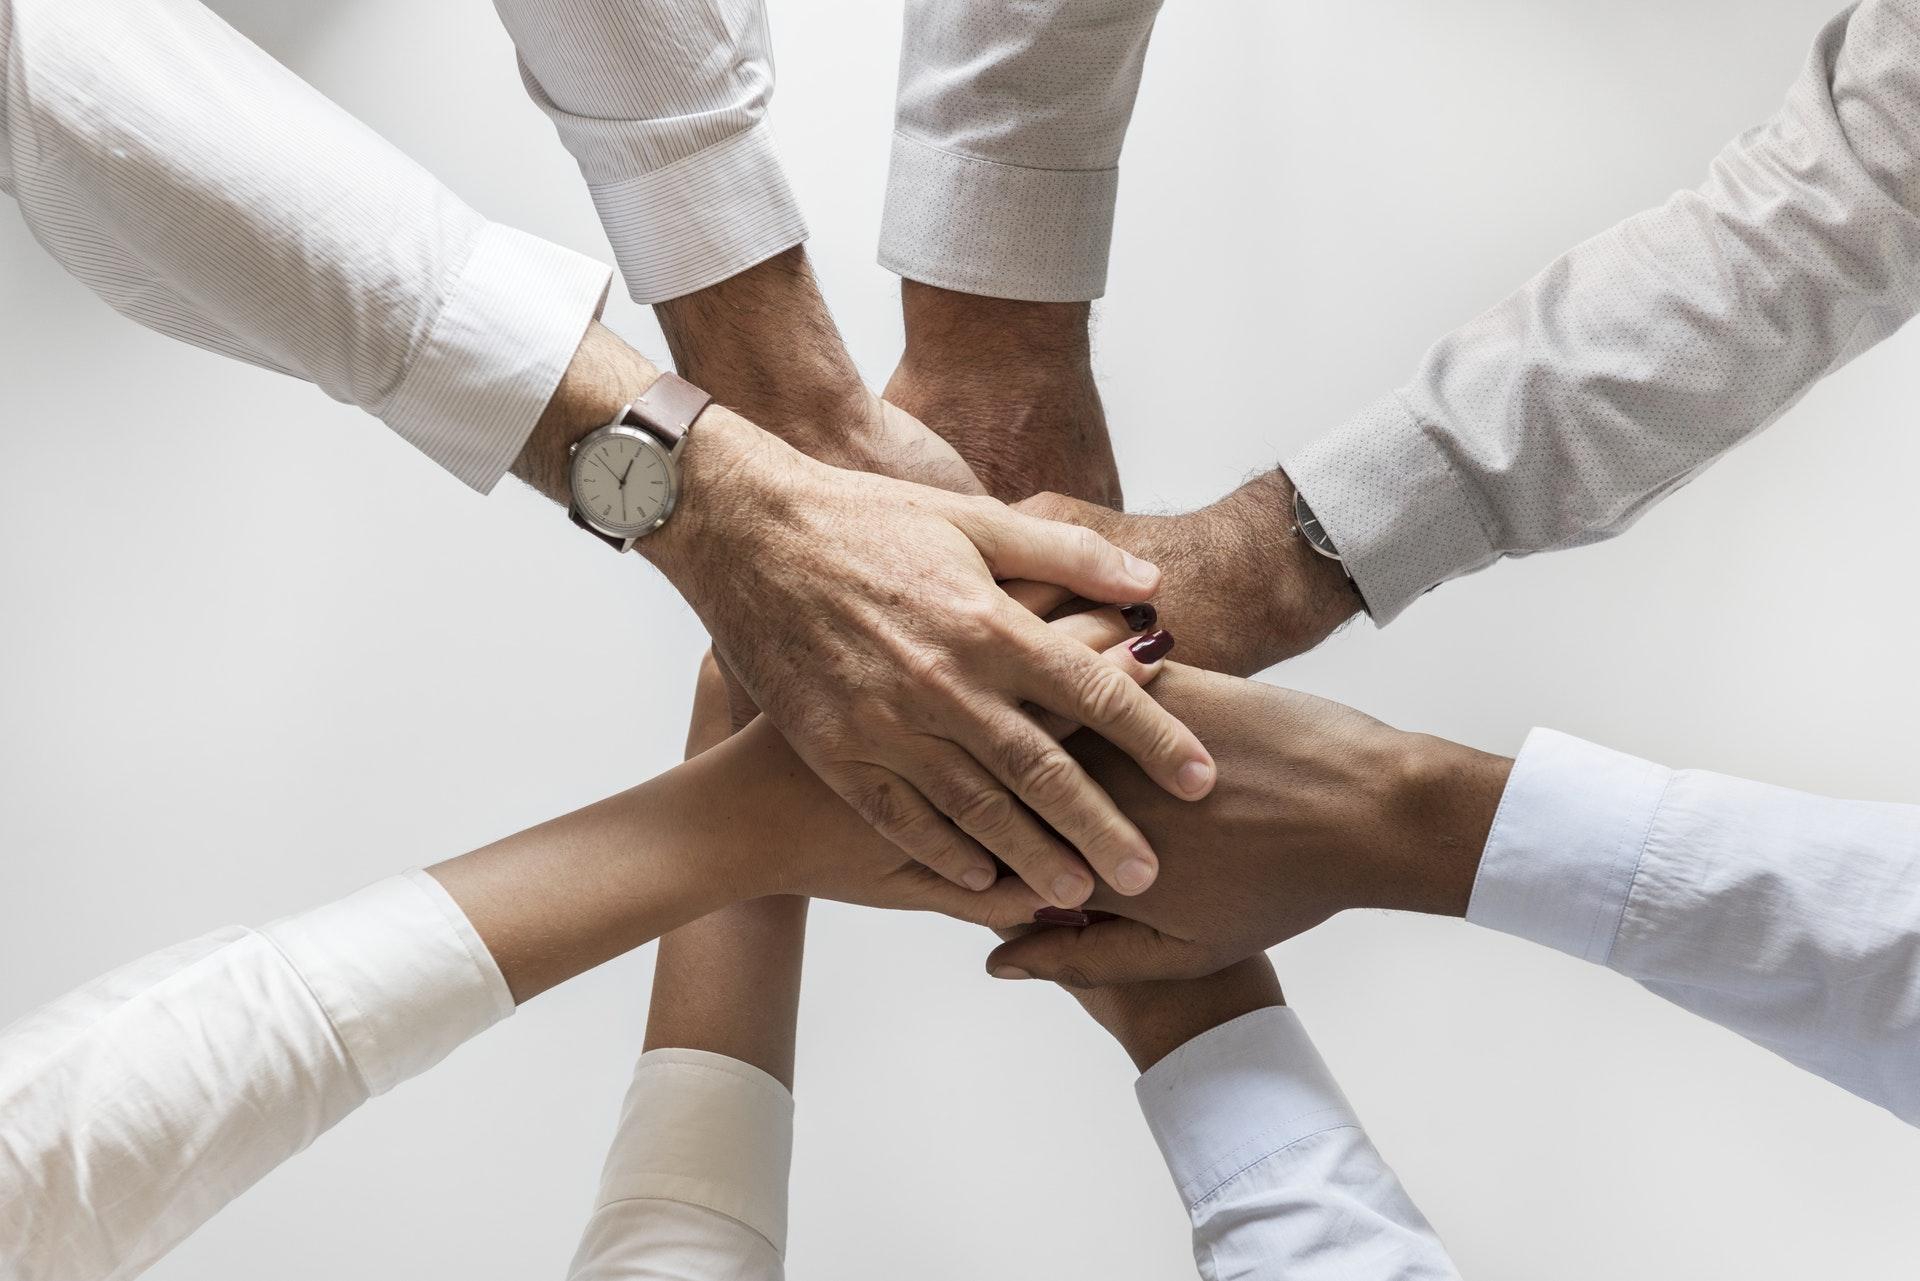 Partenariat entre entrepreneurs, tous avec la main au centre